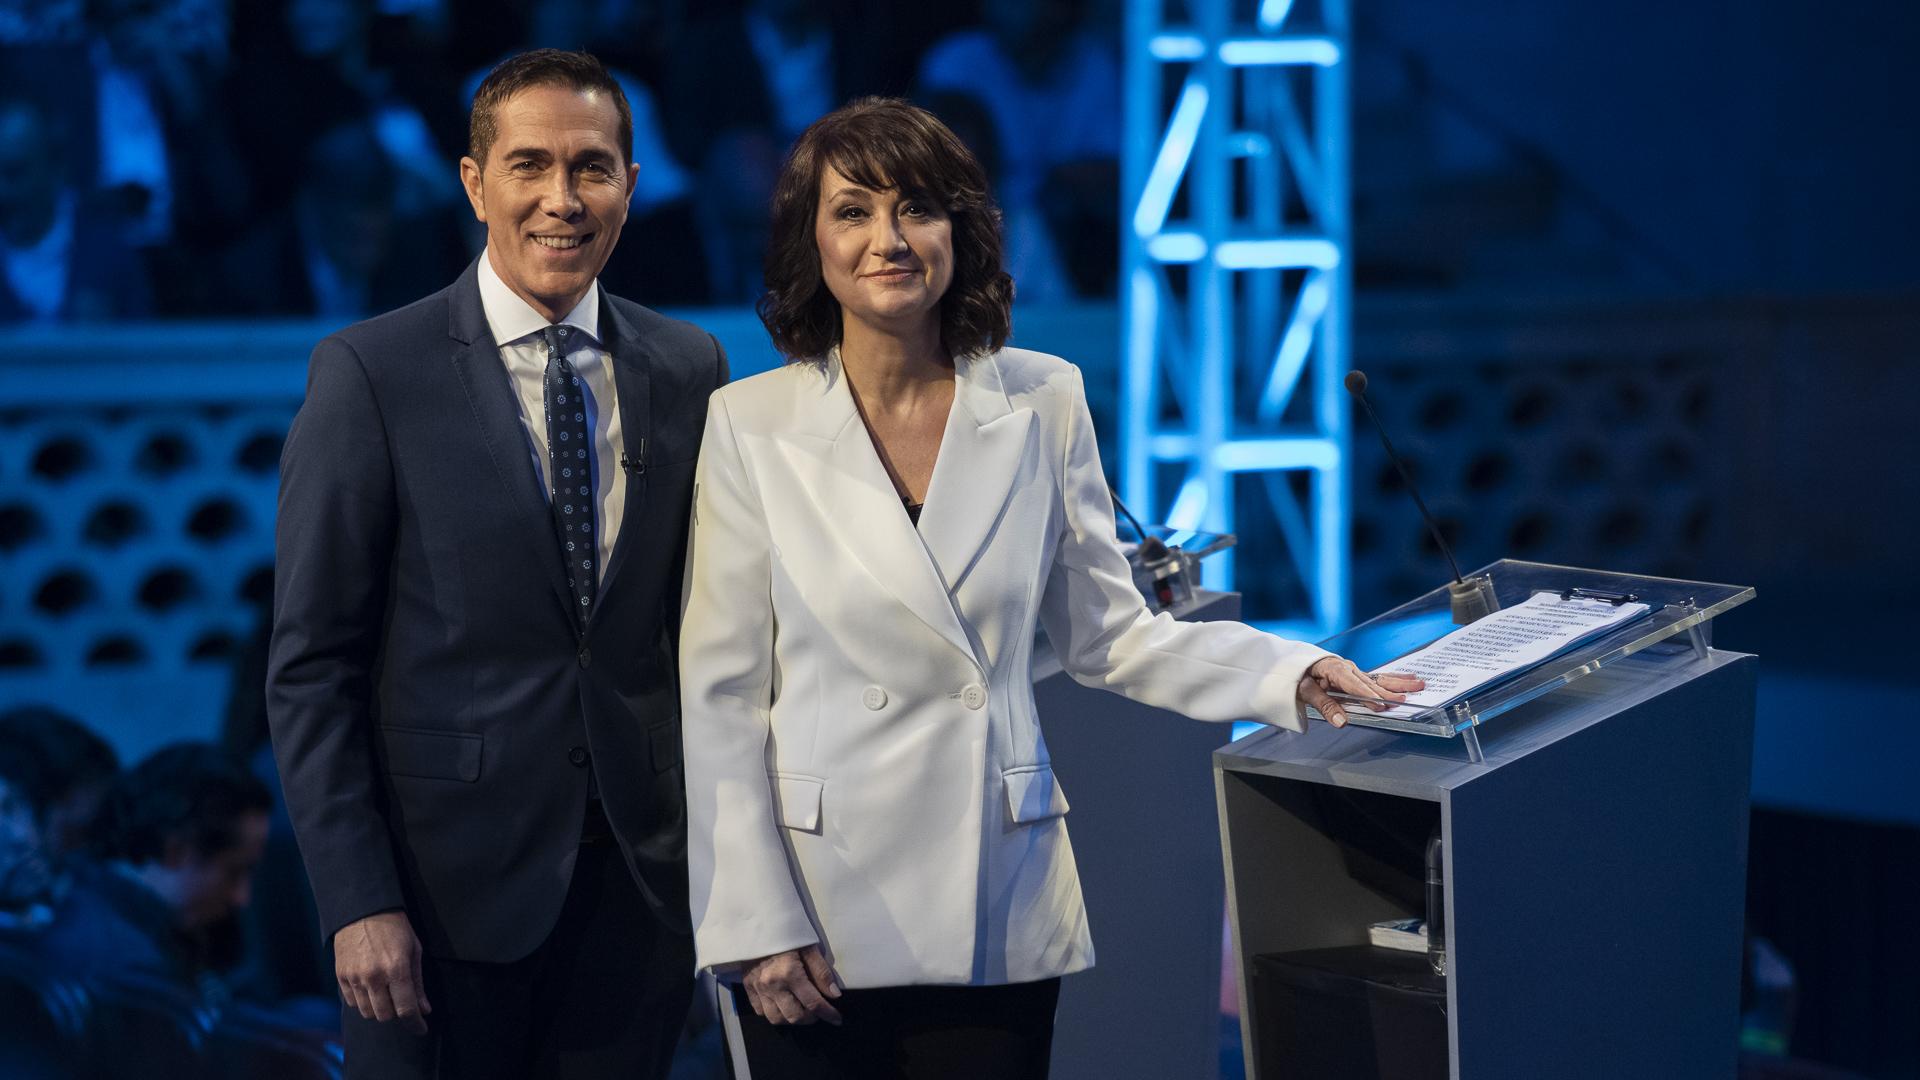 Los periodistas Rodolfo Barili y María Laura Santillán